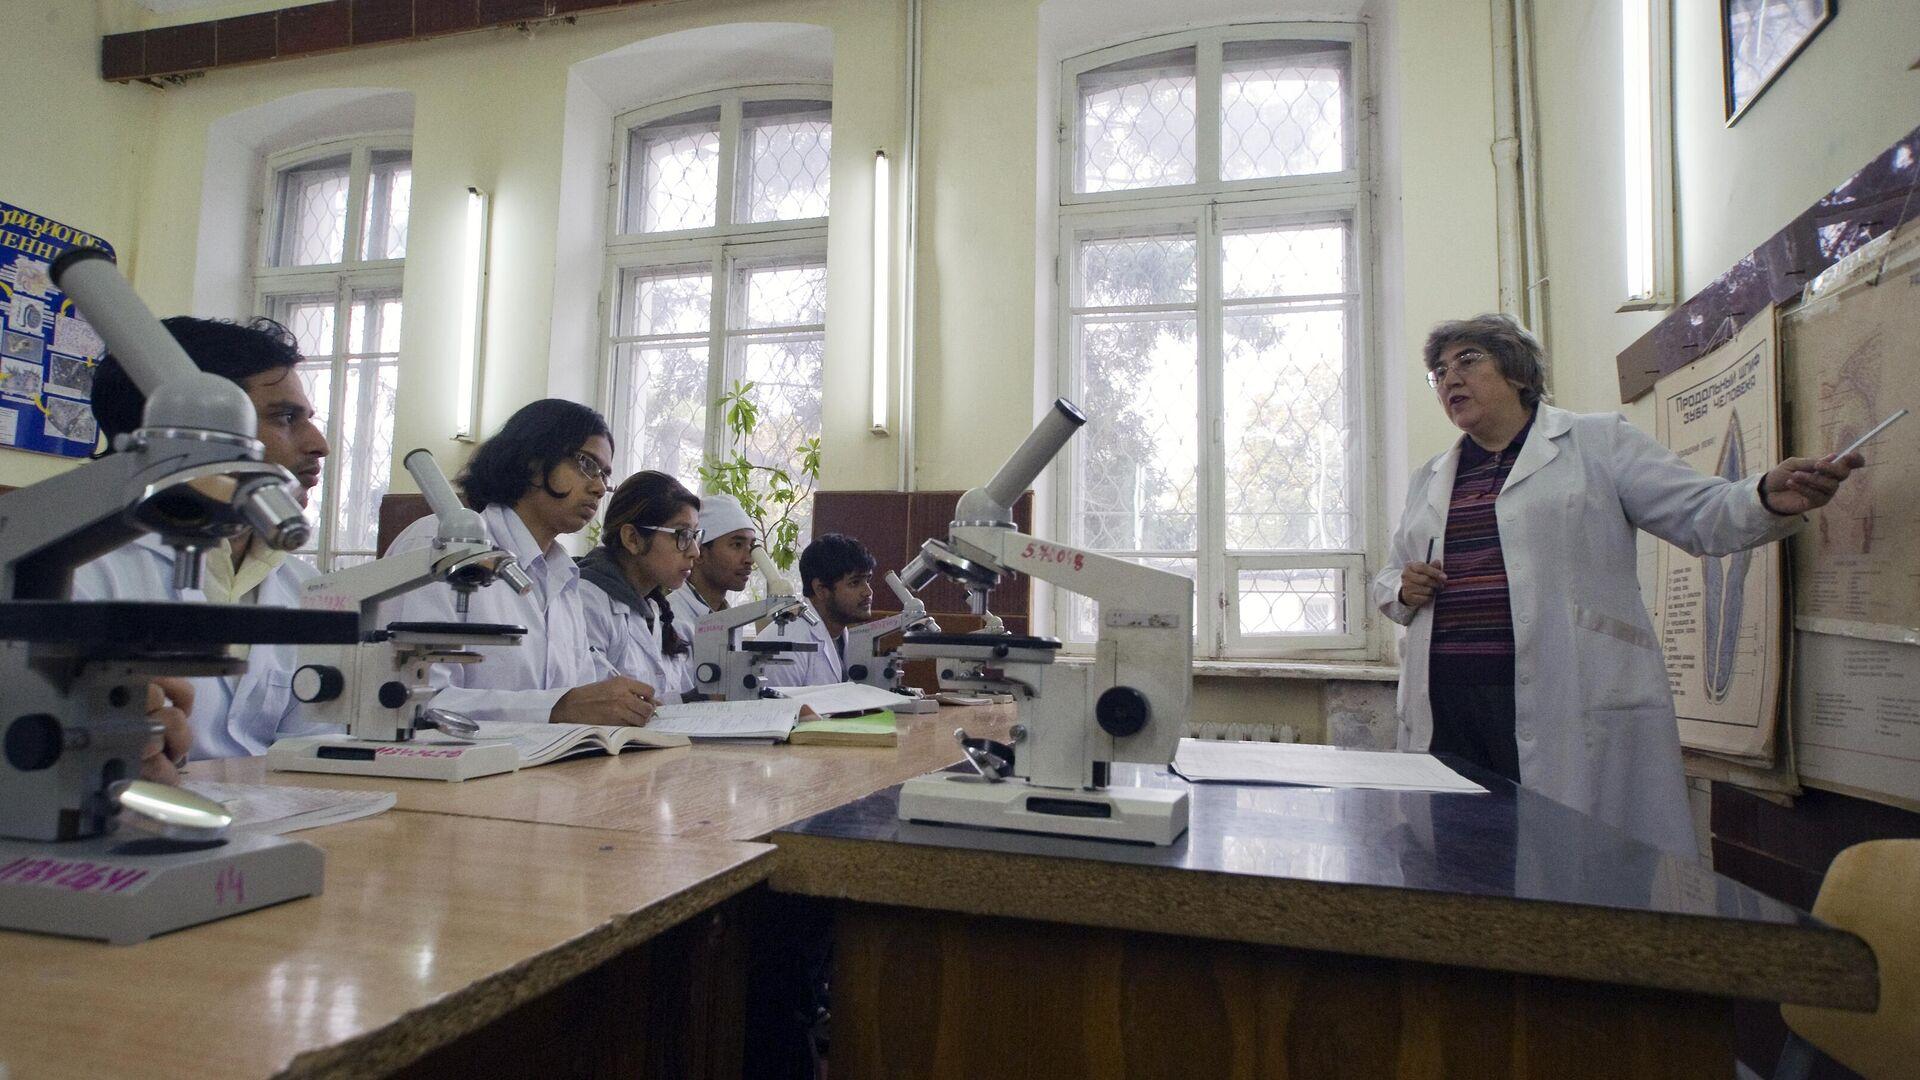 Студенты на занятиях в медицинской академии - РИА Новости, 1920, 21.10.2020